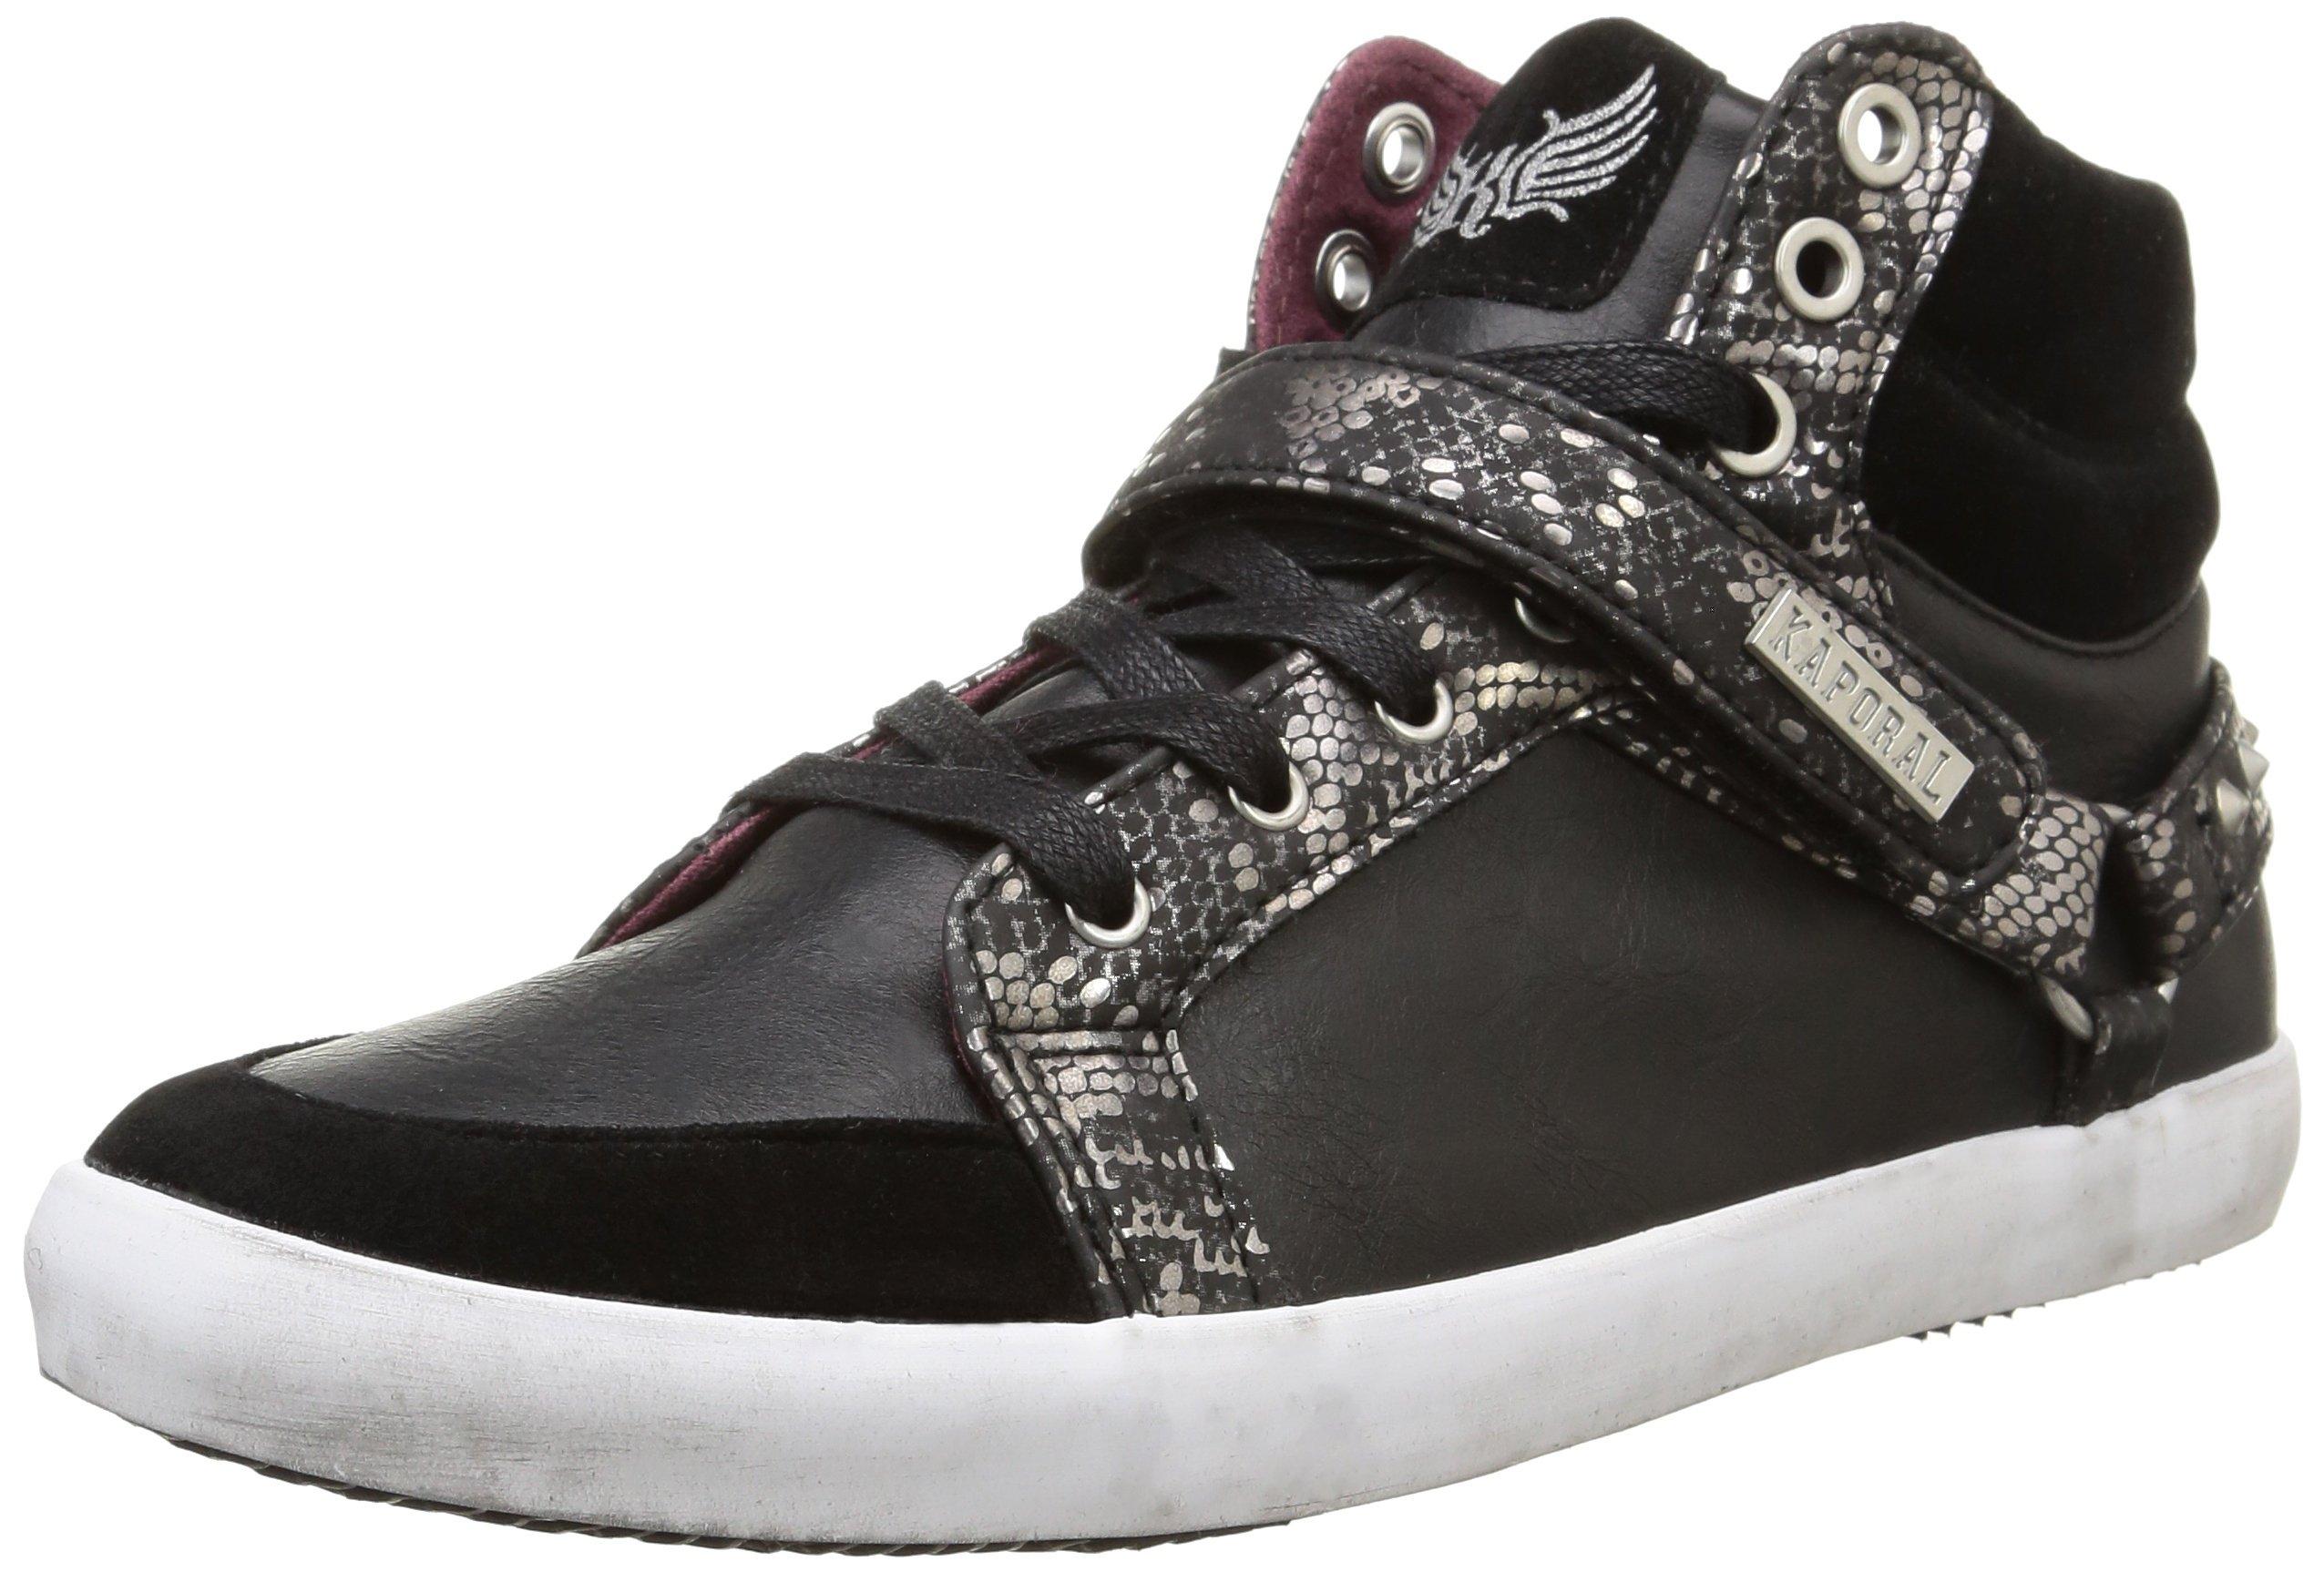 Kaporal Eu 38 Hautes Sneakers FemmeNoir Snoozy vNw0Om8n